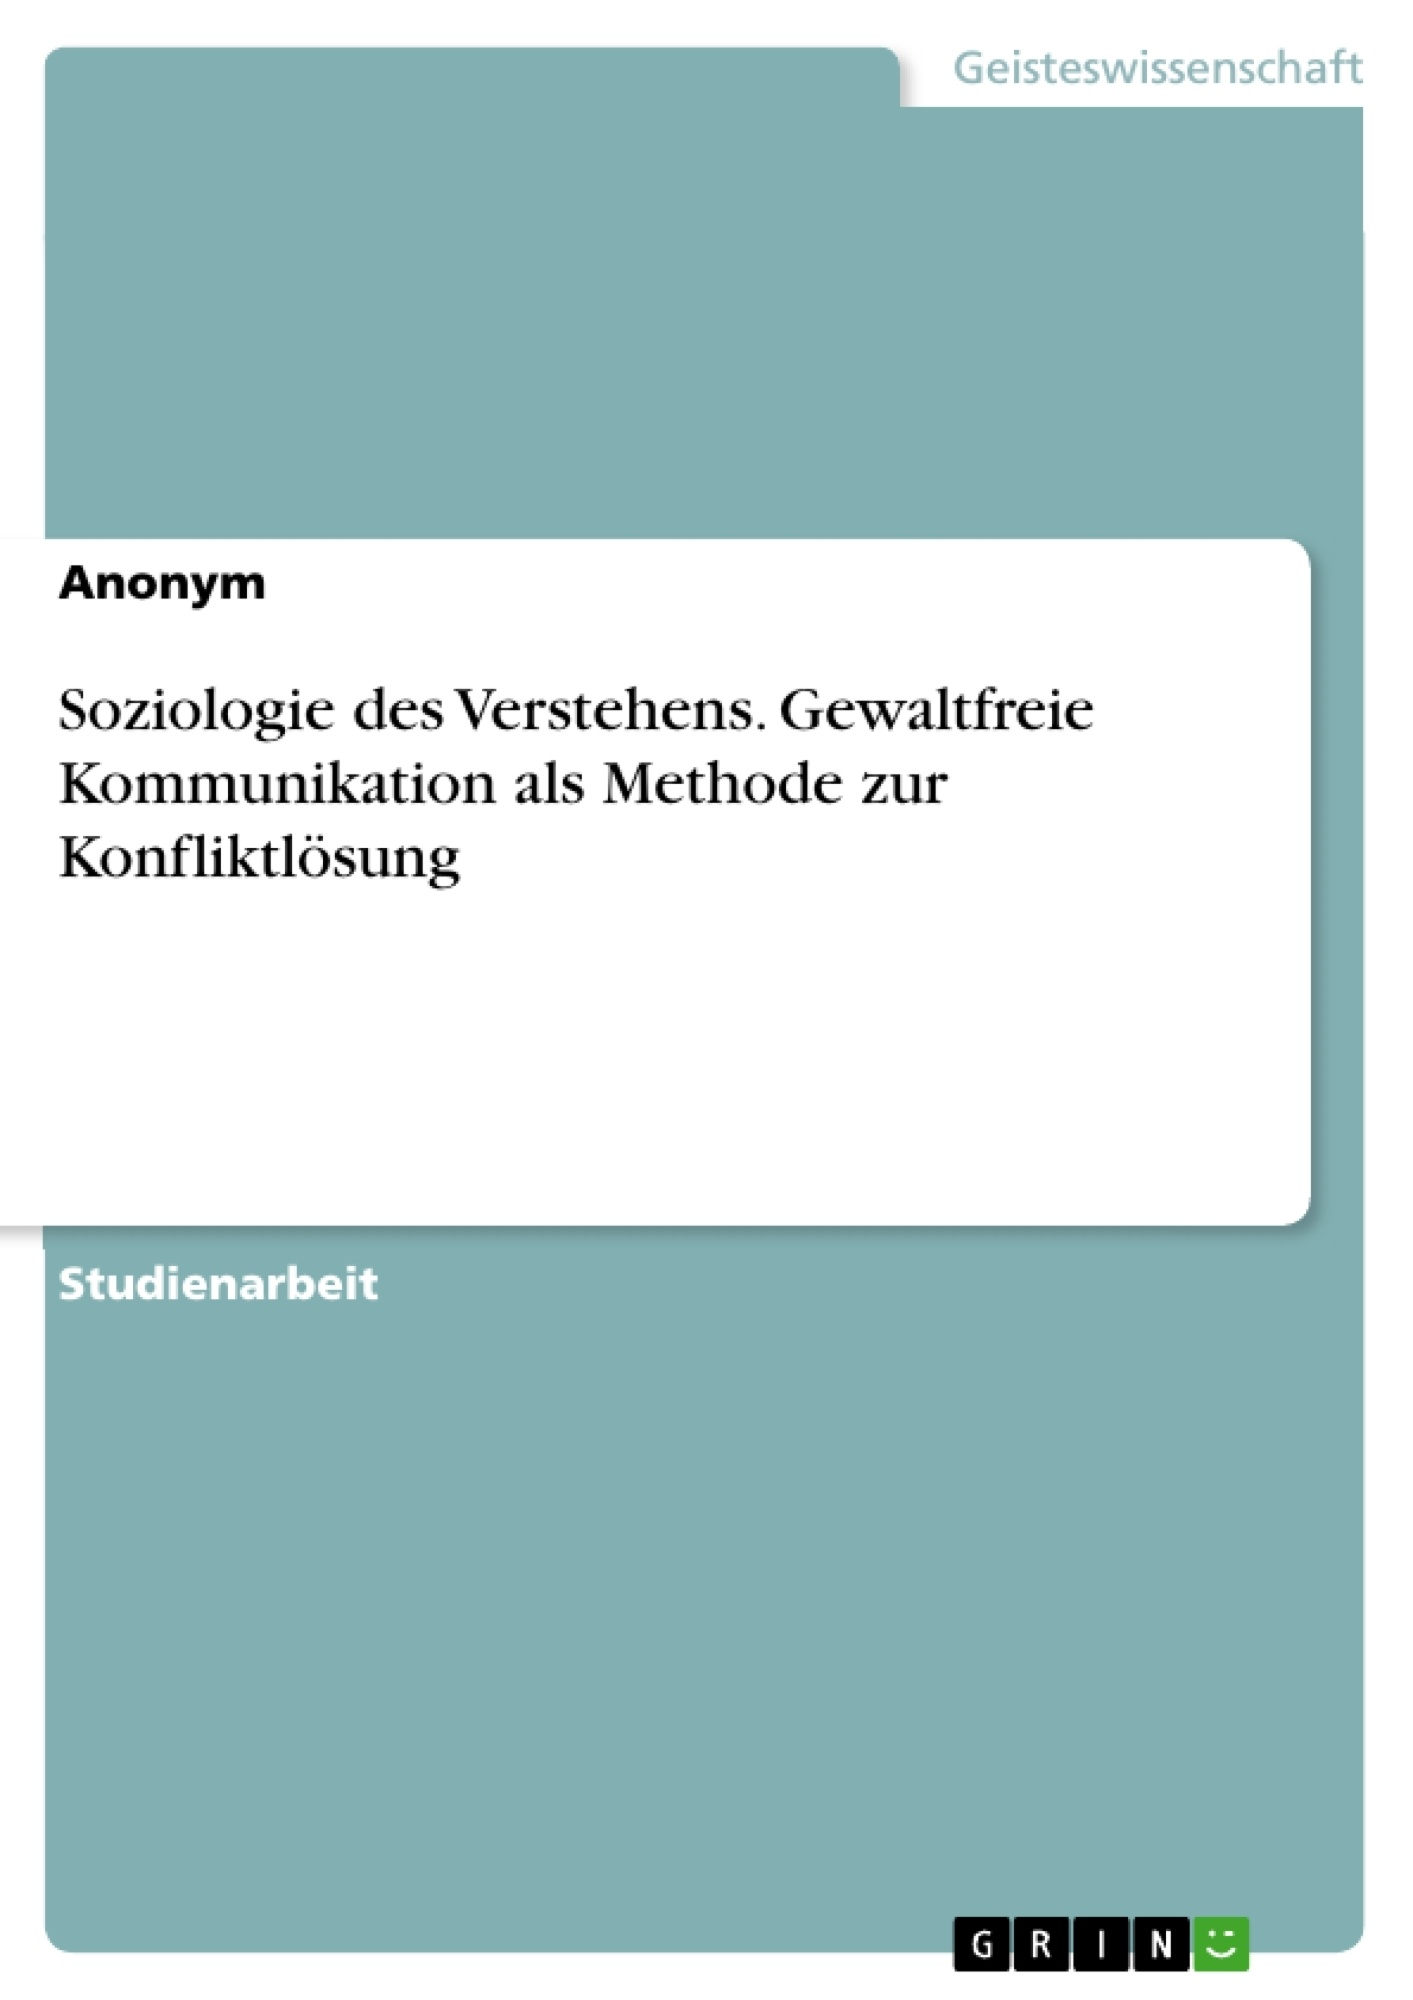 Titel: Soziologie des Verstehens. Gewaltfreie Kommunikation als Methode zur Konfliktlösung